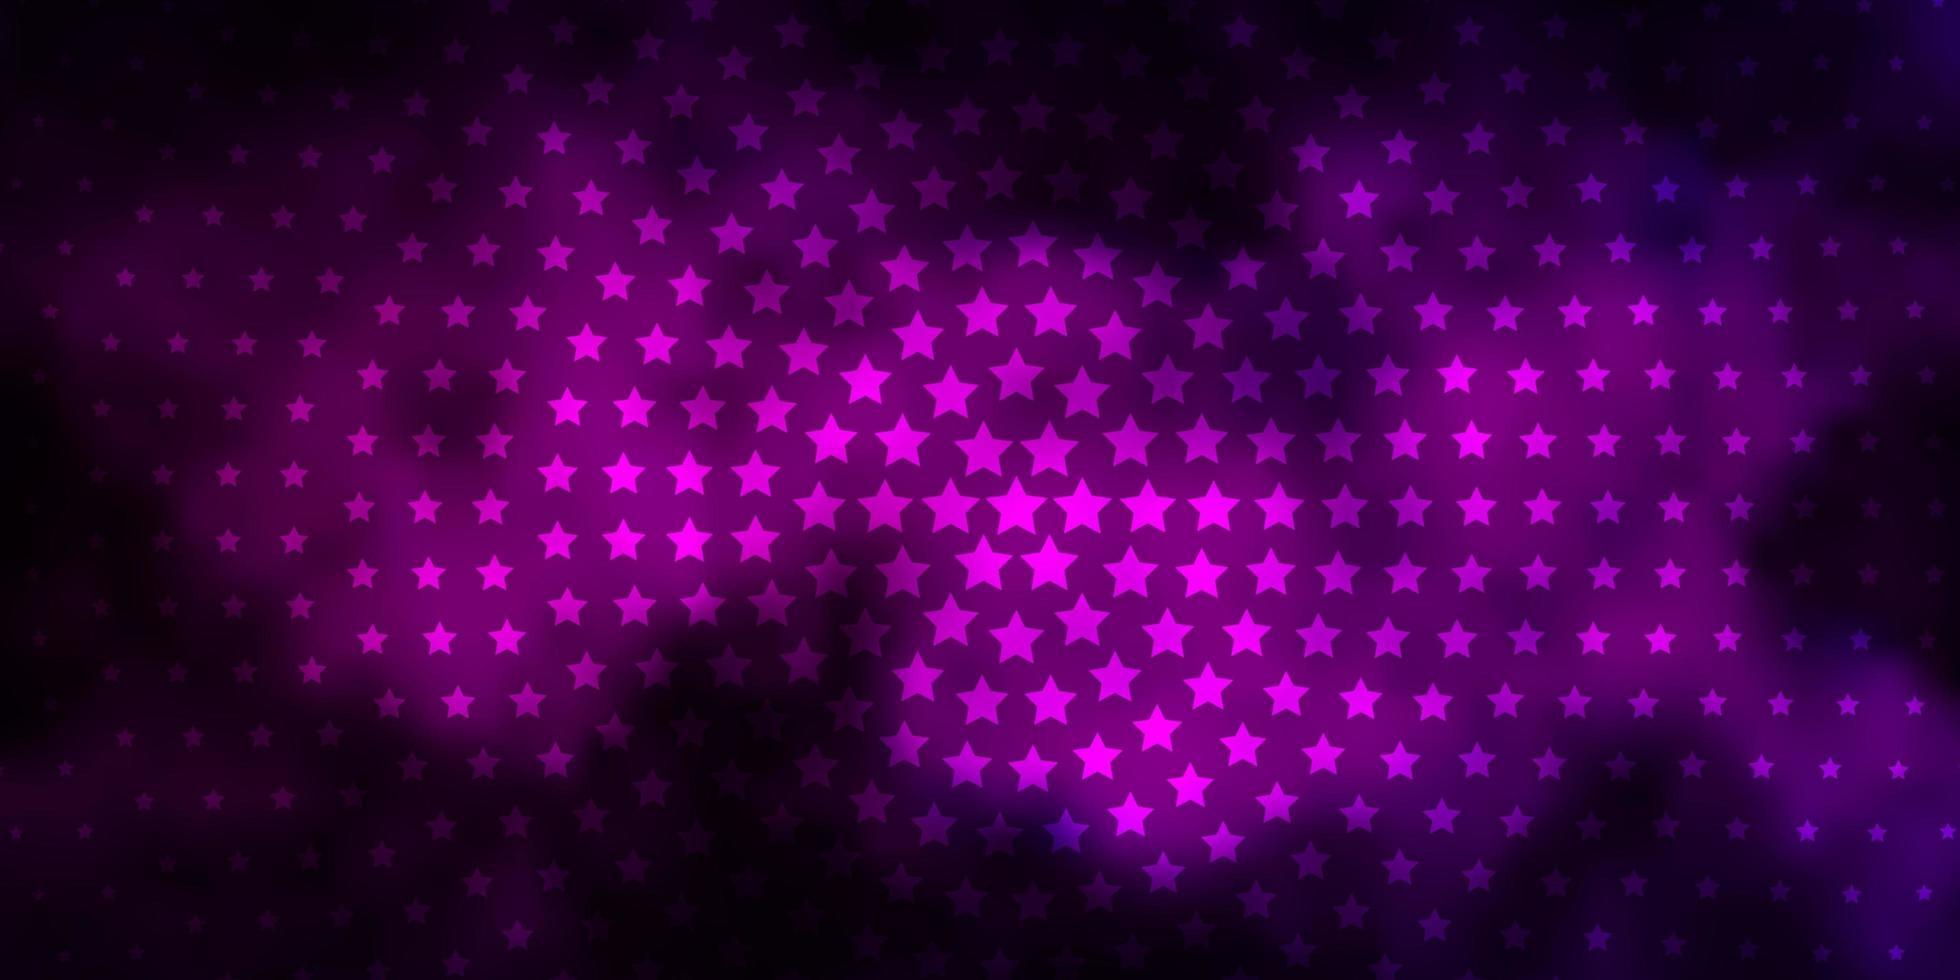 dunkelrosa Vektorlayout mit hellen Sternen. vektor